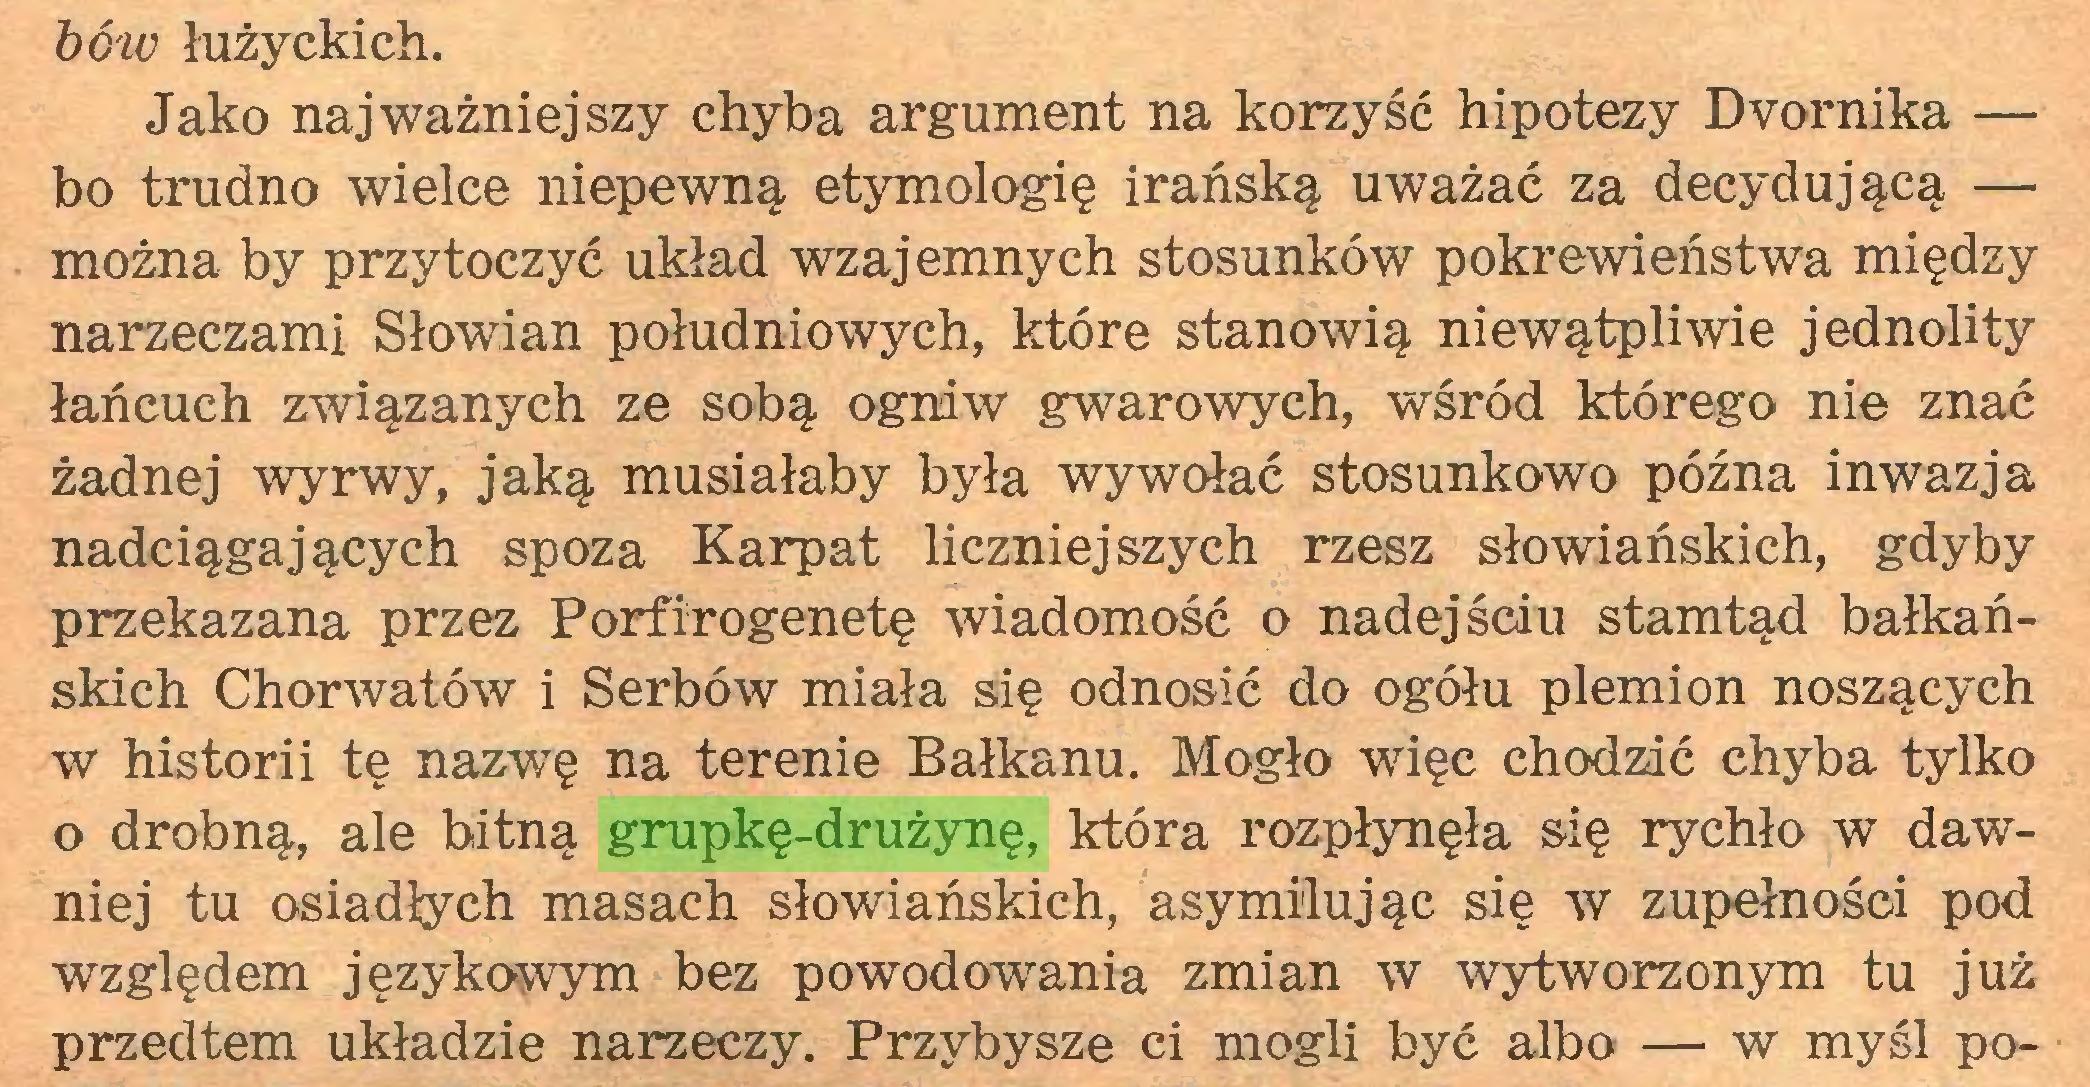 (...) bów łużyckich. Jako najważniejszy chyba argument na korzyść hipotezy Dvornika — bo trudno wielce niepewną etymologię irańską uważać za decydującą — można by przytoczyć układ wzajemnych stosunków pokrewieństwa między narzeczami Słowian południowych, które stanowią niewątpliwie jednolity łańcuch związanych ze sobą ogniw gwarowych, wśród którego nie znać żadnej wyrwy, jaką musiałaby była wywołać stosunkowo późna inwazja nadciągających spoza Karpat liczniejszych rzesz słowiańskich, gdyby przekazana przez Porfirogenetę wiadomość o nadejściu stamtąd bałkańskich Chorwatów i Serbów miała się odnosić do ogółu plemion noszących w historii tę nazwTę na terenie Bałkanu. Mogło więc chodzić chyba tylko o drobną, ale bitną grupkę-drużynę, która rozpłynęła się rychło w dawniej tu osiadłych masach słowiańskich, asymilując się w zupełności pod względem językowym bez powodowania zmian w wytworzonym tu już przedtem układzie narzeczy. Przybysze ci mogli być albo — w myśl po...